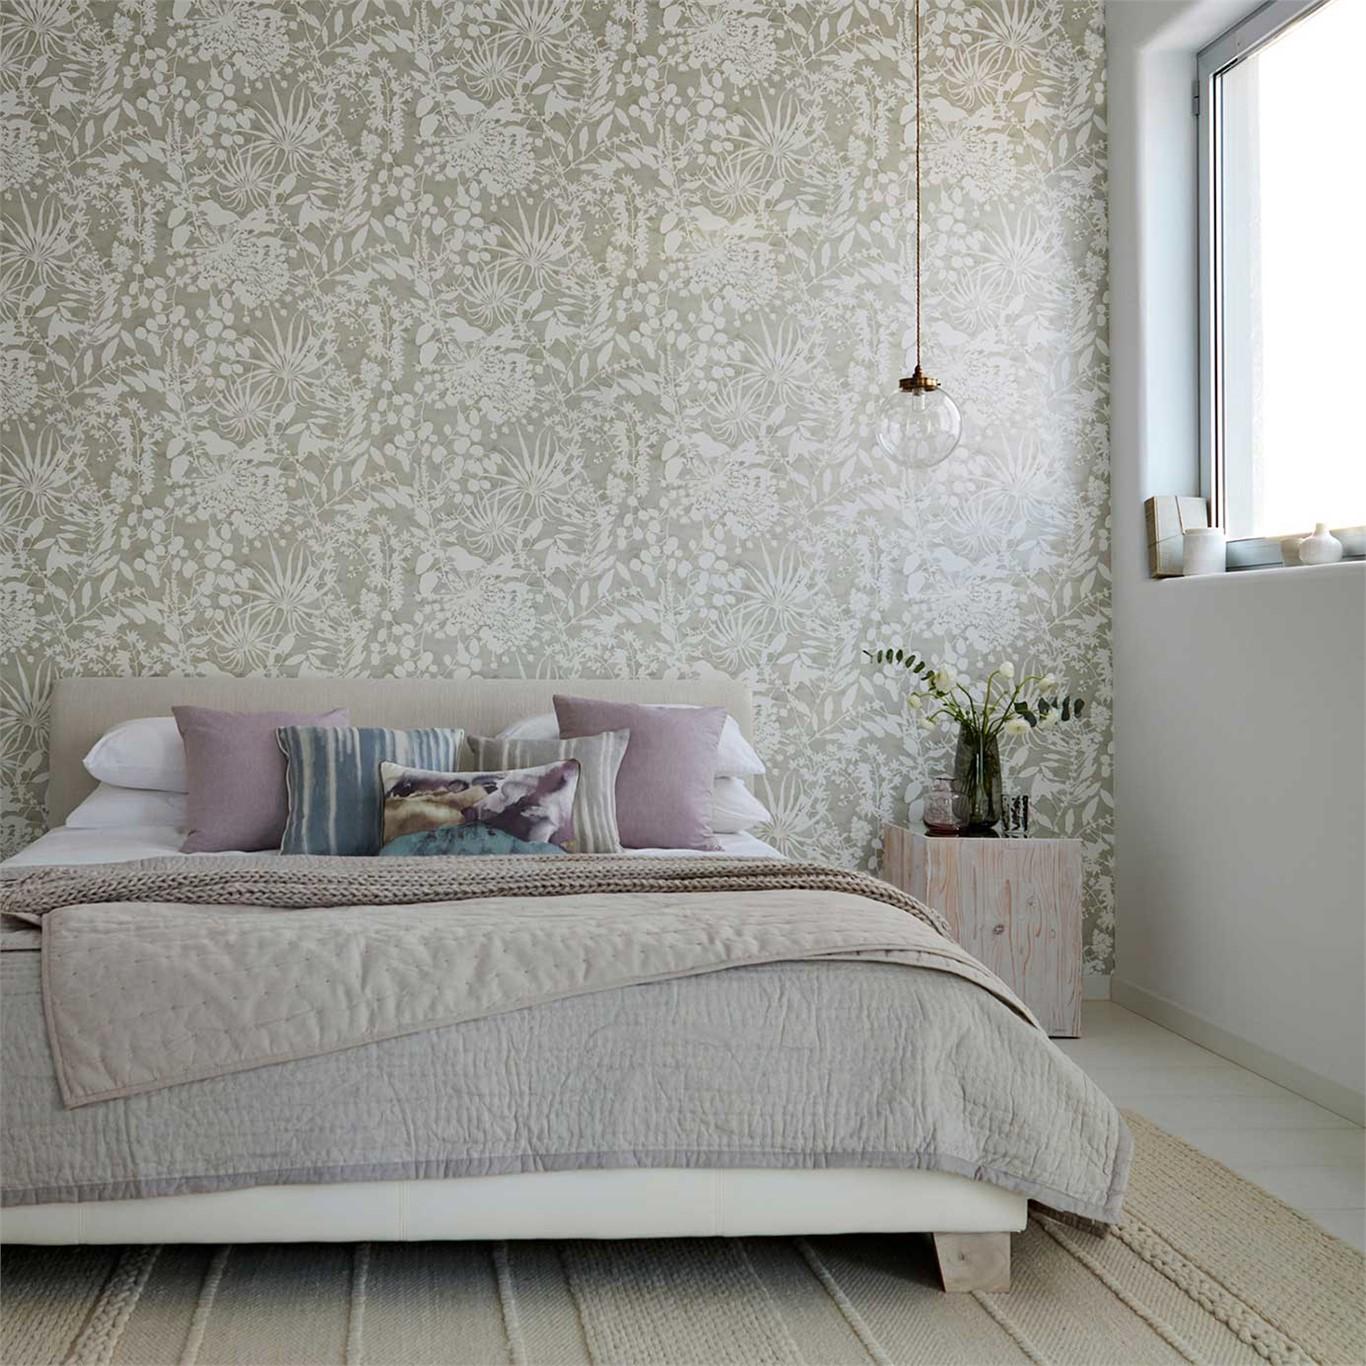 Dormitorio papel pintado papel pintado habitacion - Papel pintado minimalista ...